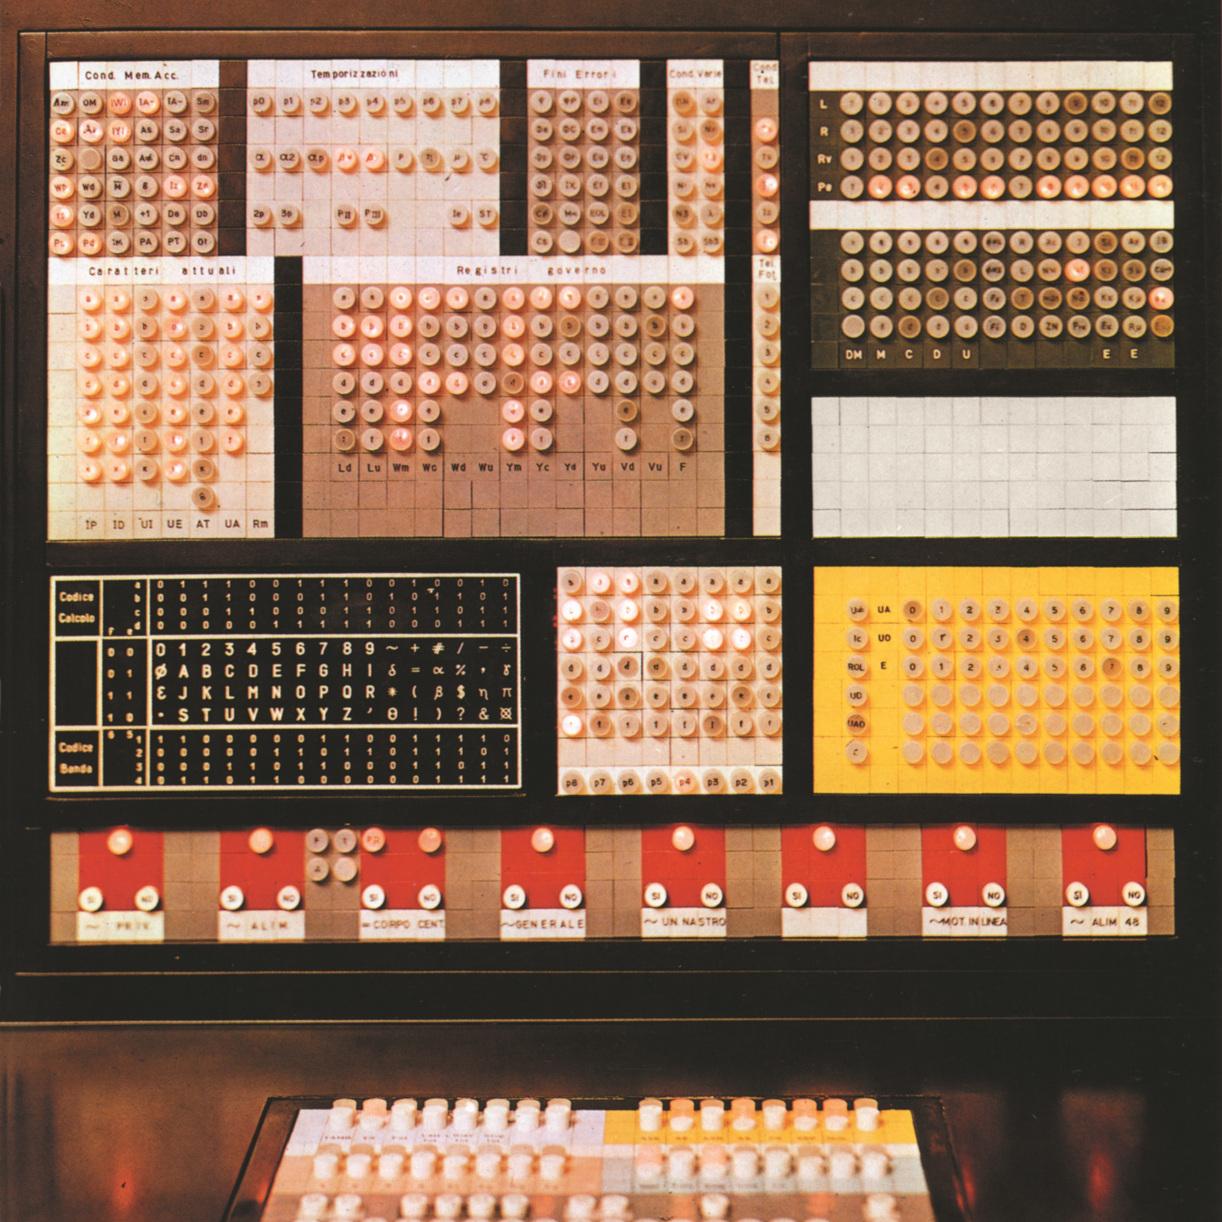 ELEA 9003. Storia del primo calcolatore elettronico italiano